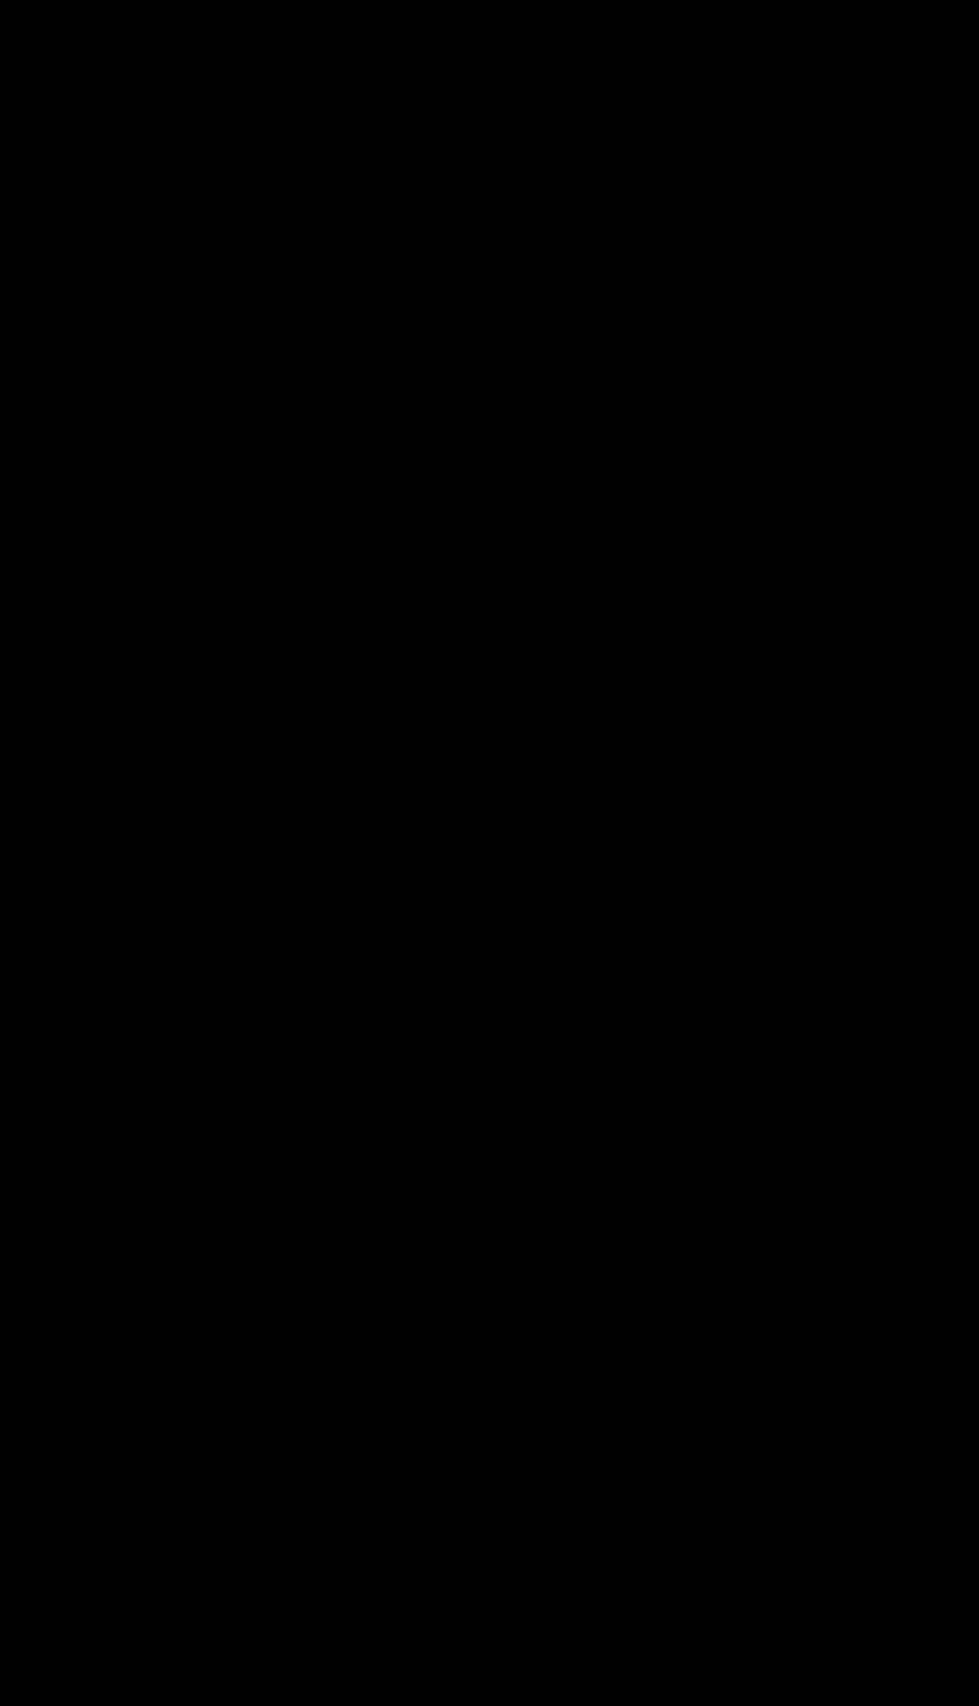 図31.png